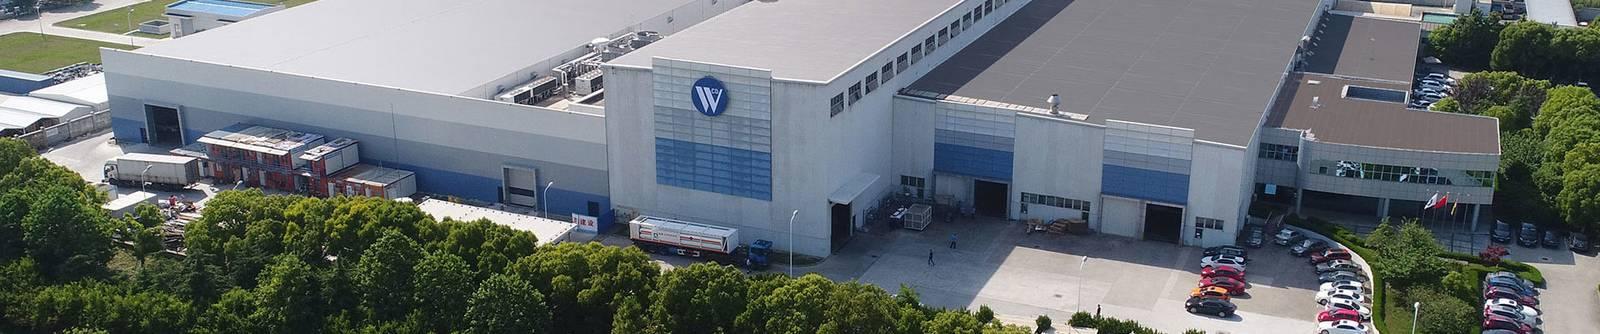 Stahlproduktion-Standort in Taicang (China) von Waelzholz Luftbild